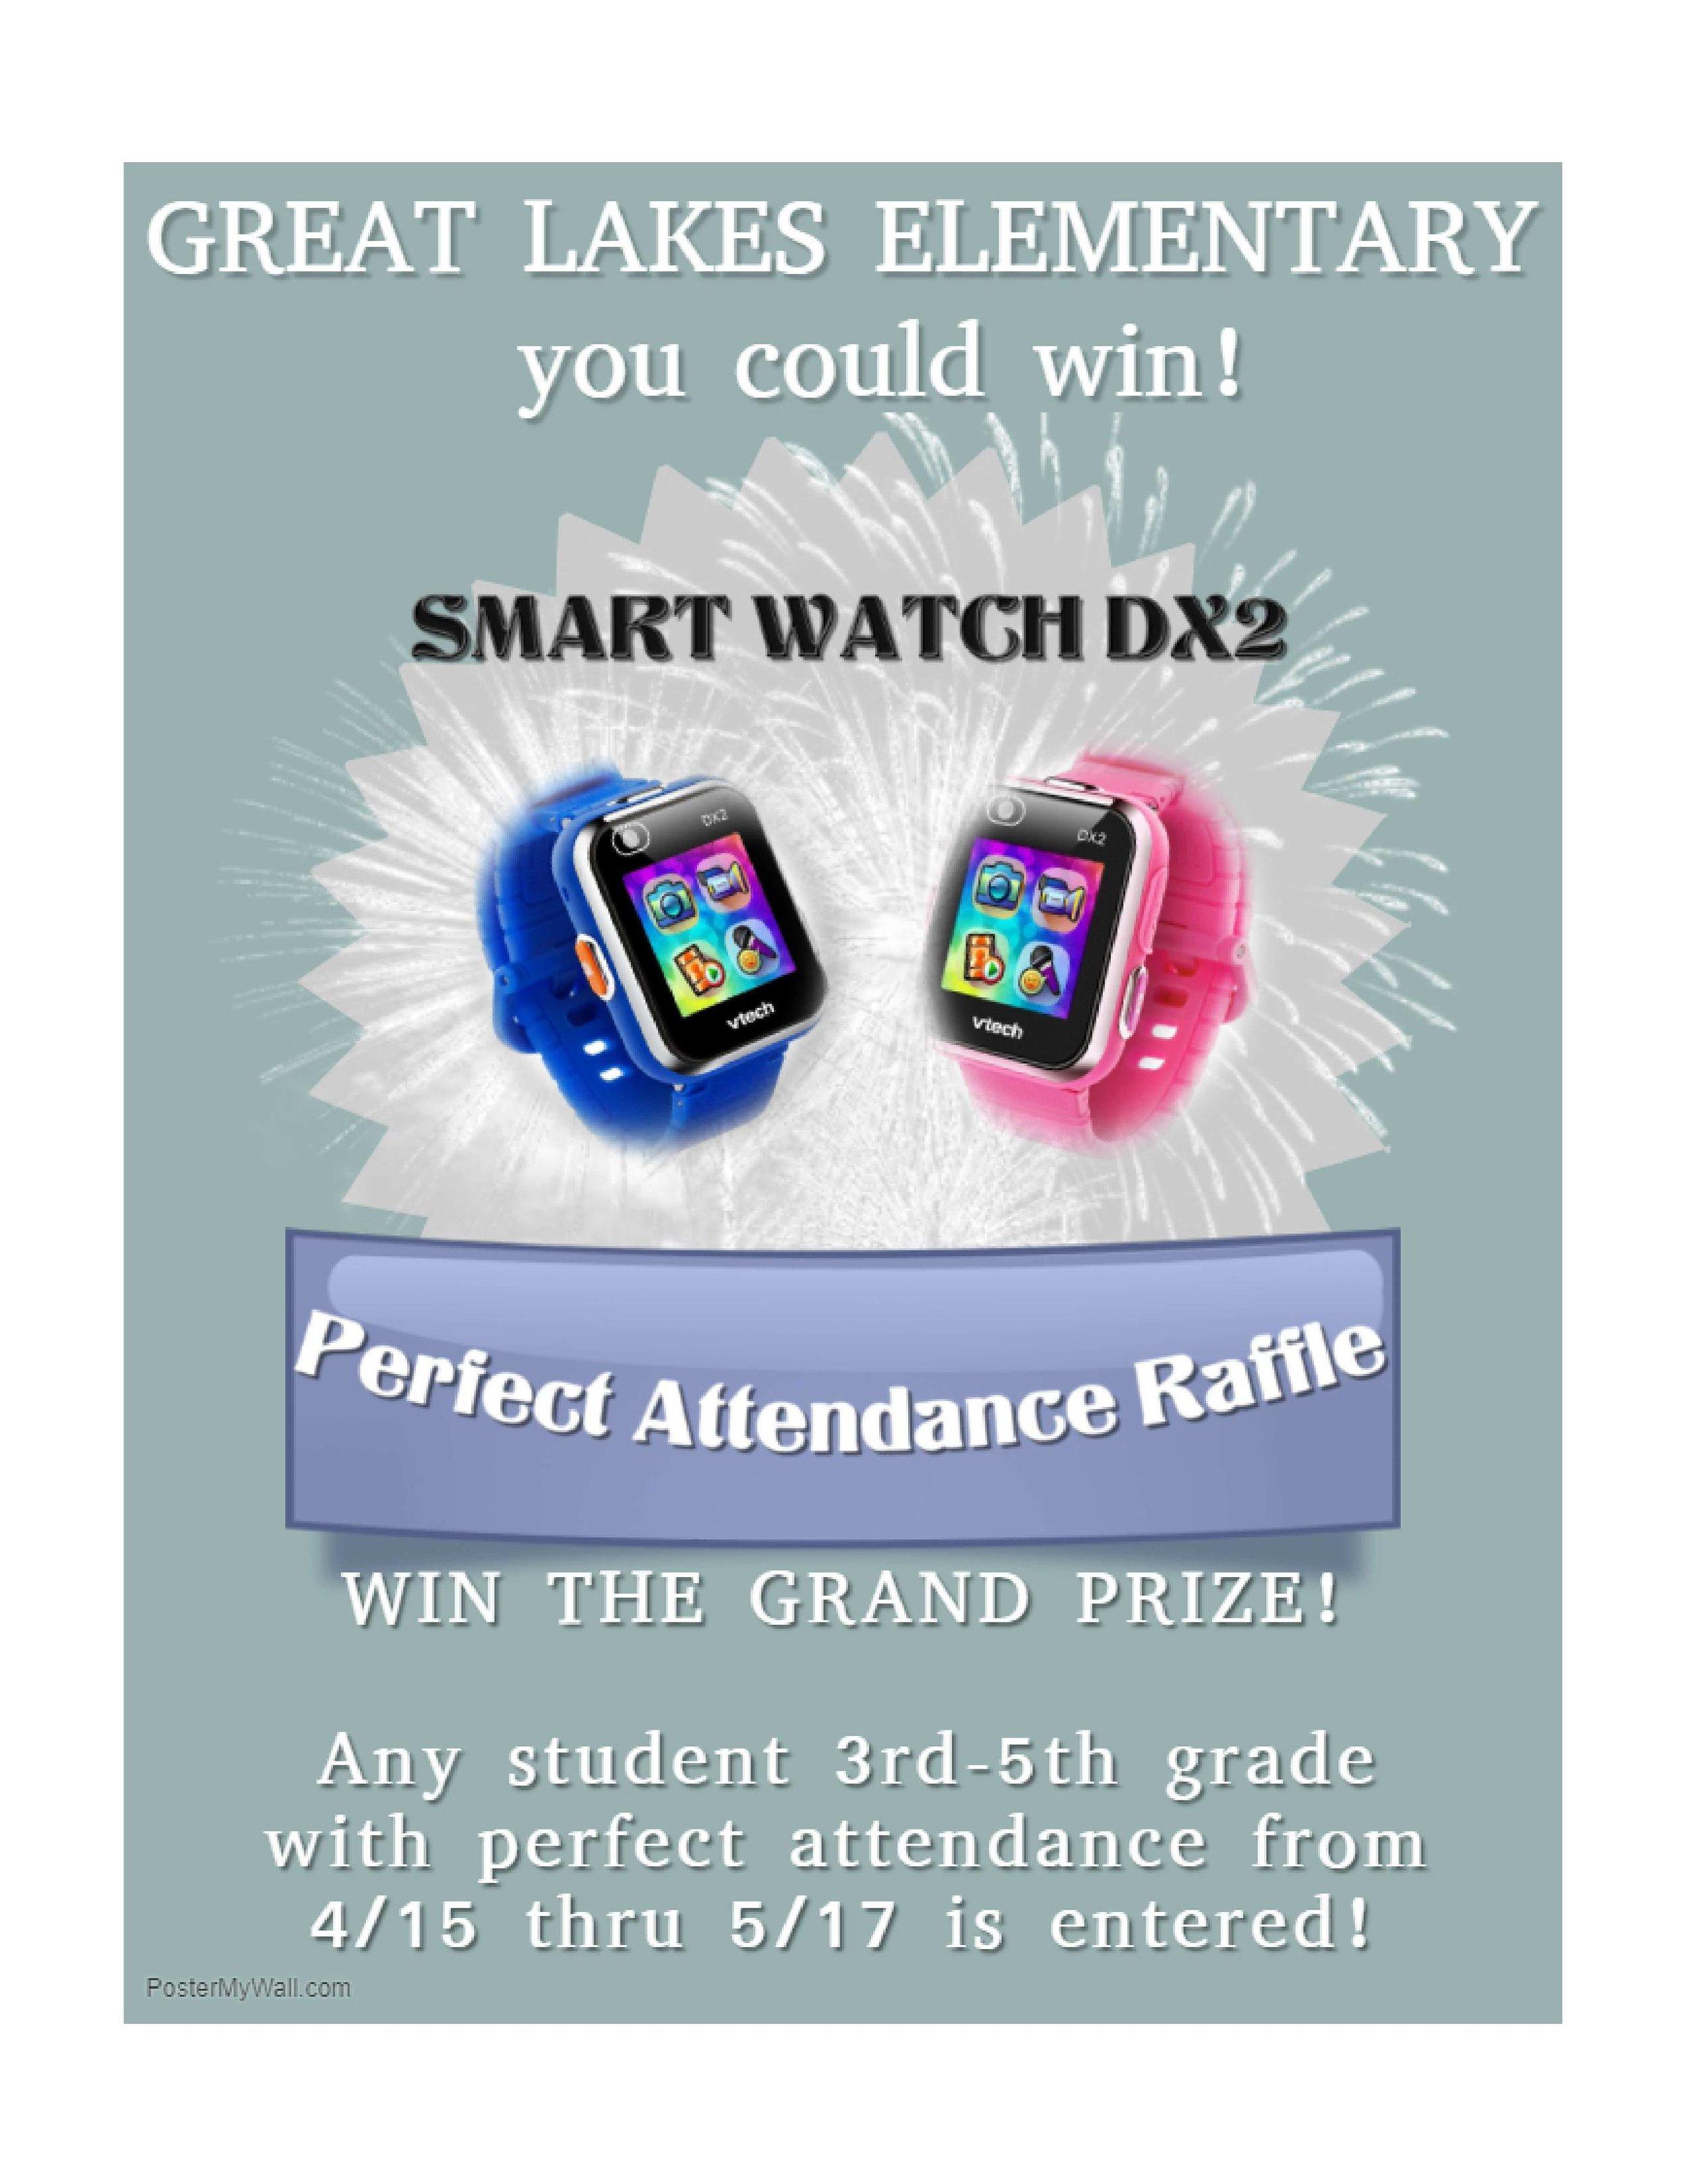 Smart Watch Raffle Flyer 2019.jpg